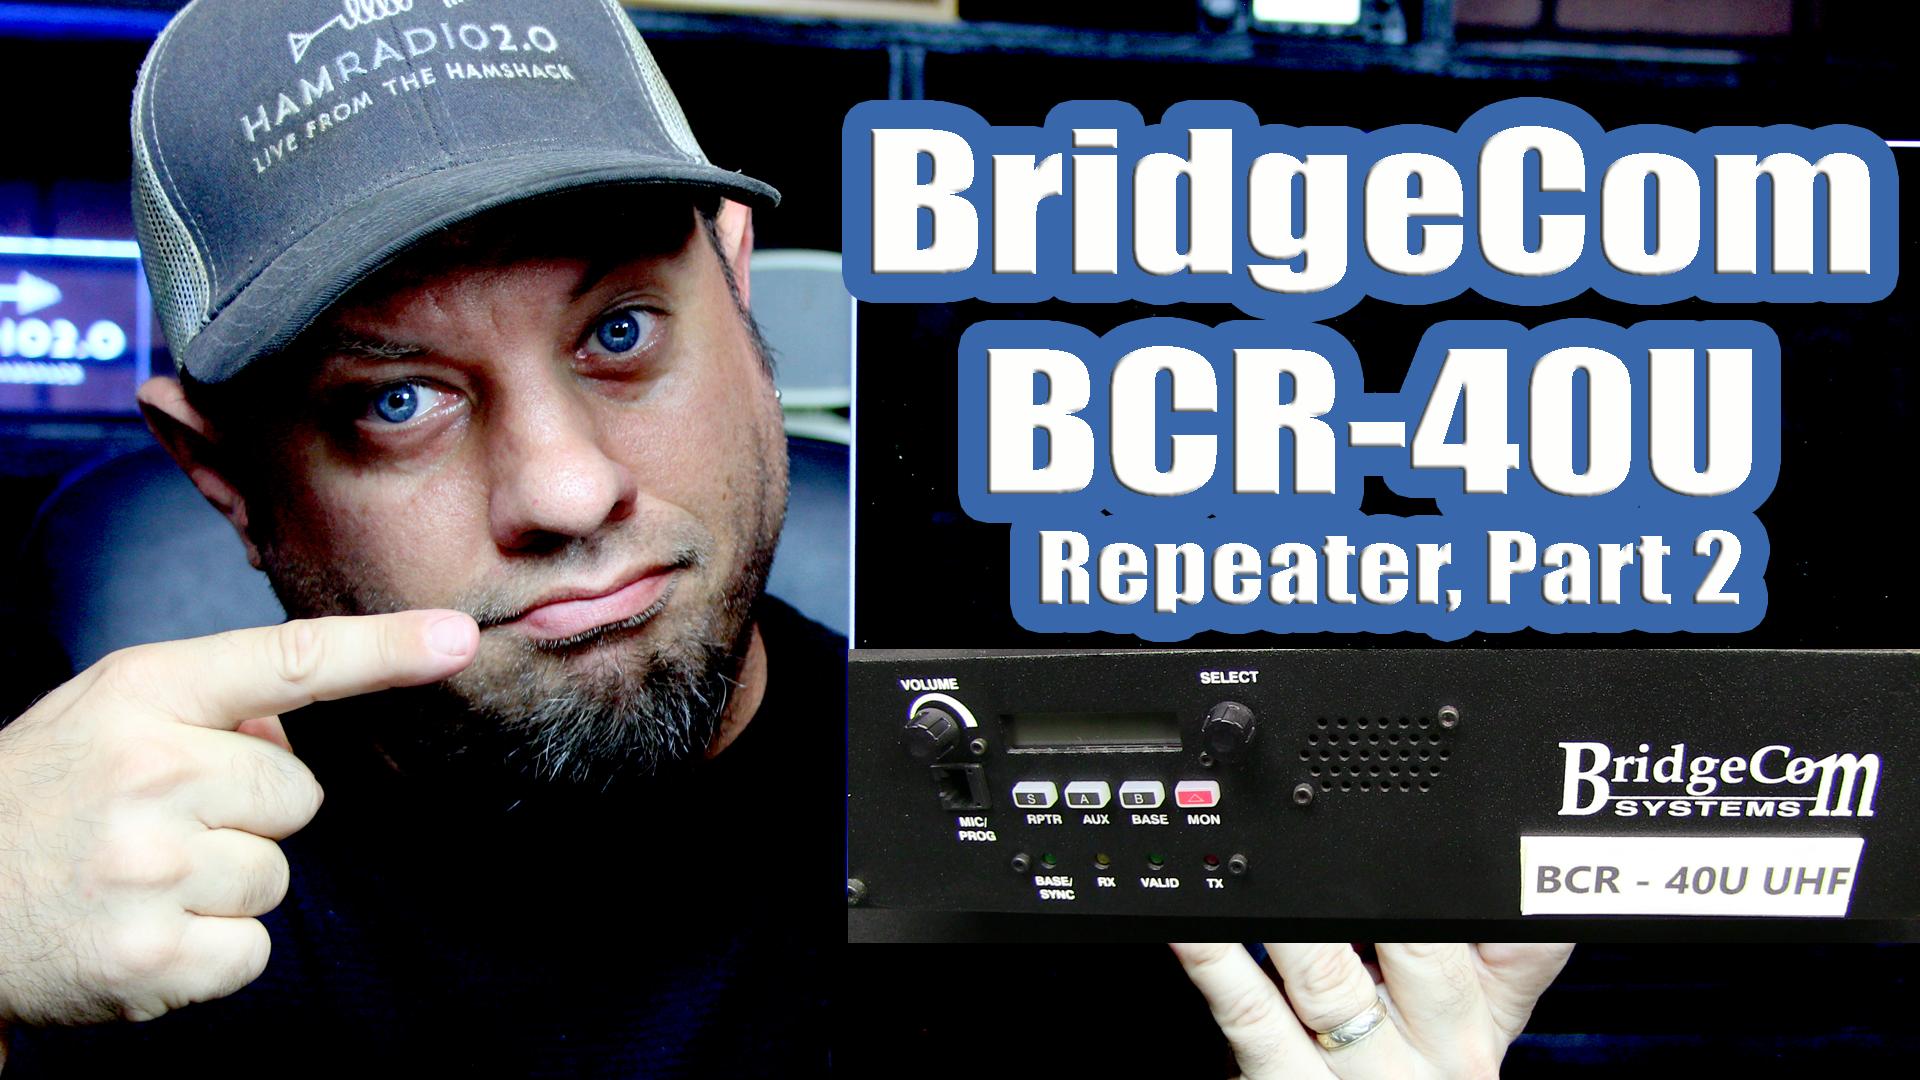 Episode 178: Bridgecom BCR-40U Repeater Setup, Part 2